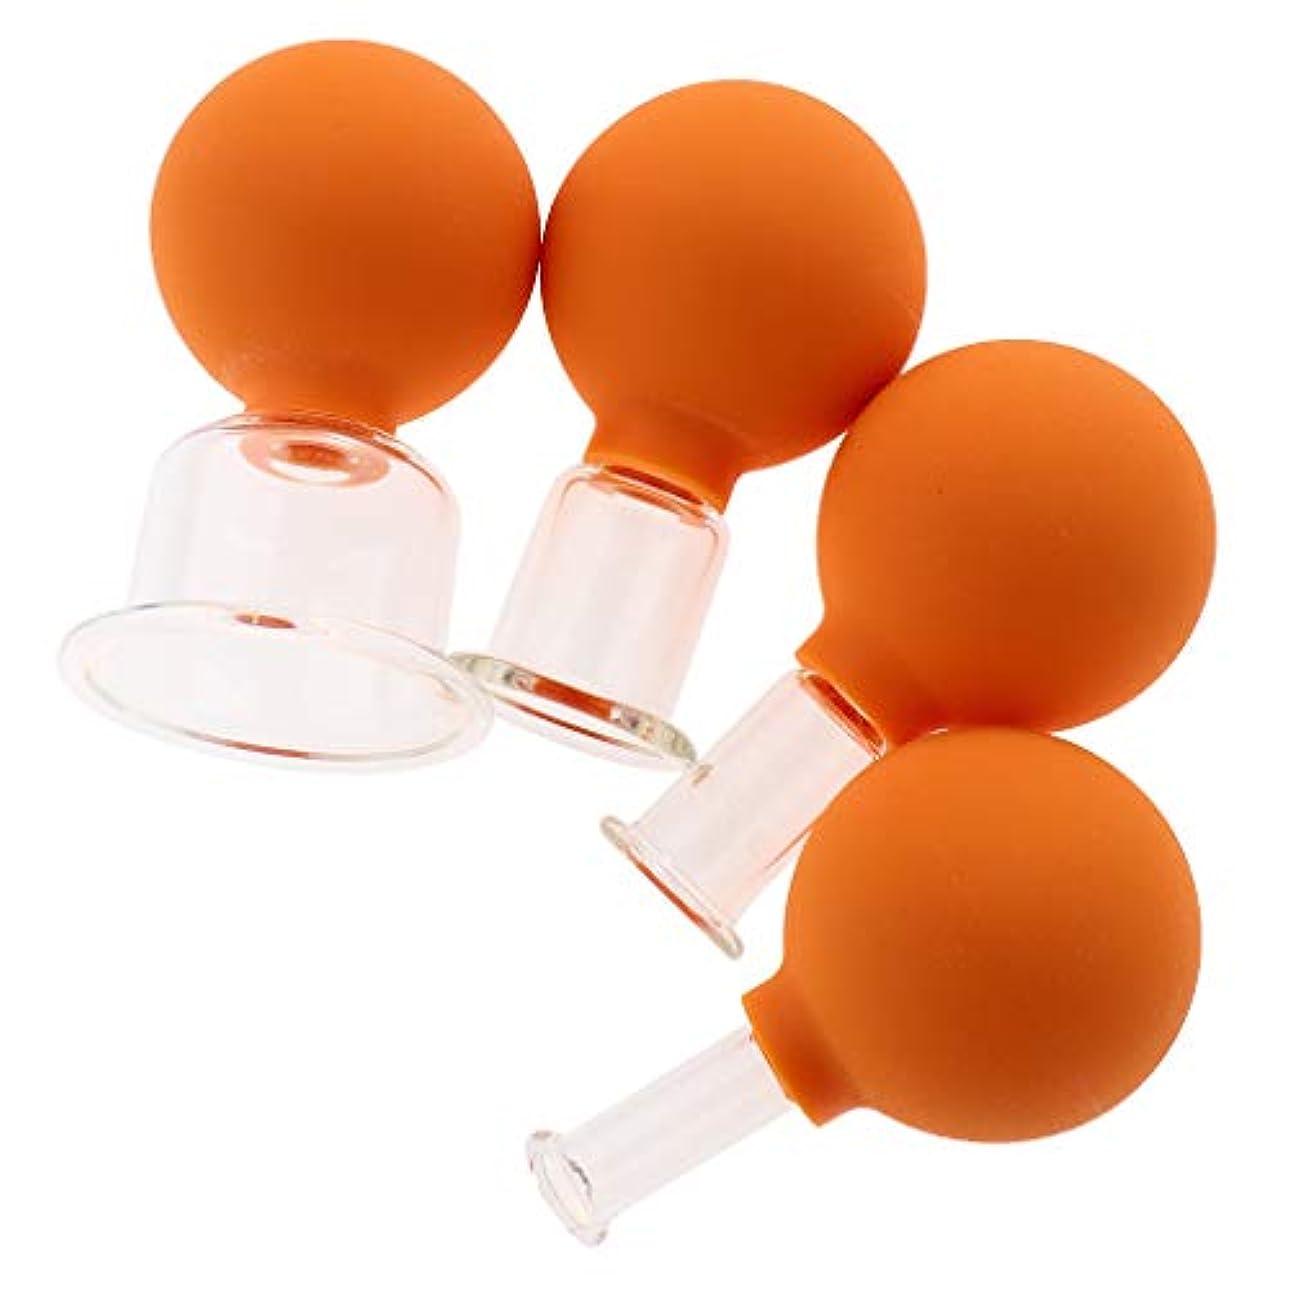 仮定結果に向かってF Fityle マッサージ吸い玉 マッサージカップ ガラスカッピング ゴム 真空 男女兼用 4個 全3色 - オレンジ